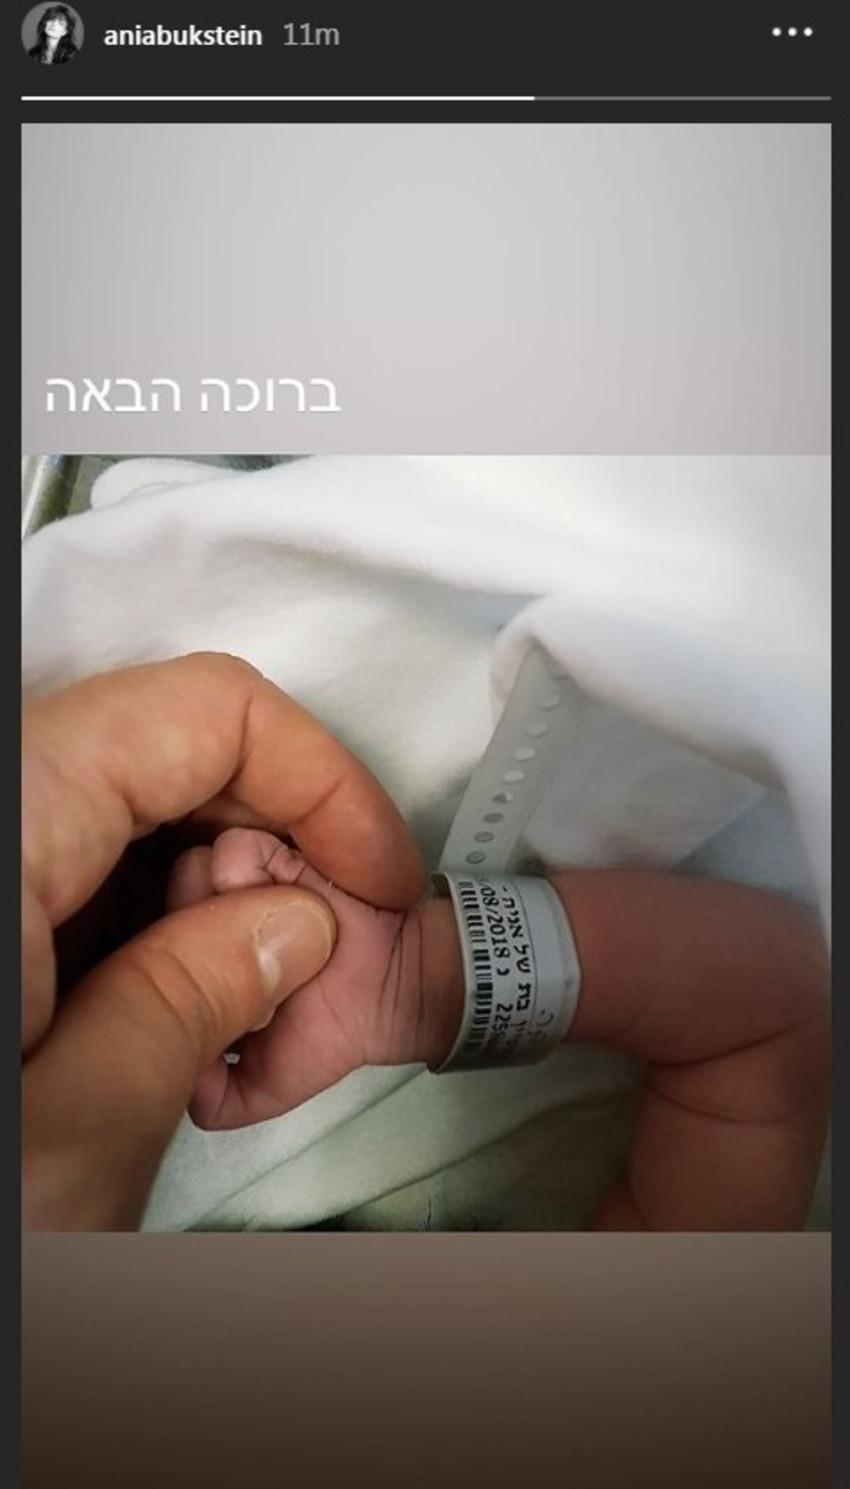 אניה בוקשטיין ביום הלידה. צילום: אינסטגרם